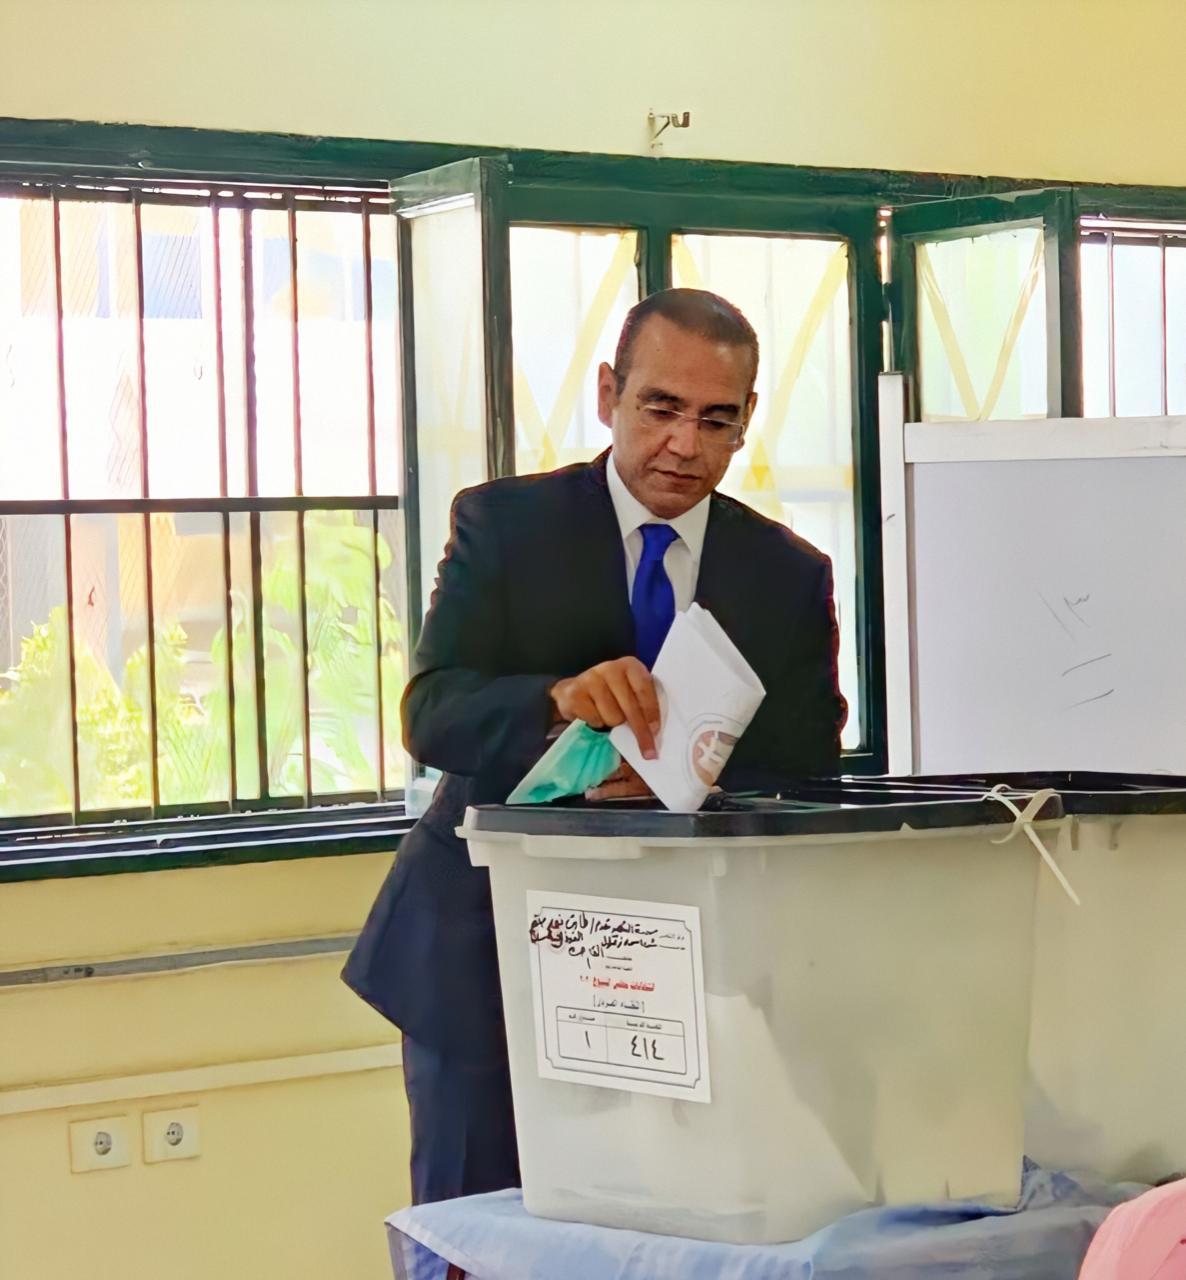 المهندس محمد المنزلاوي